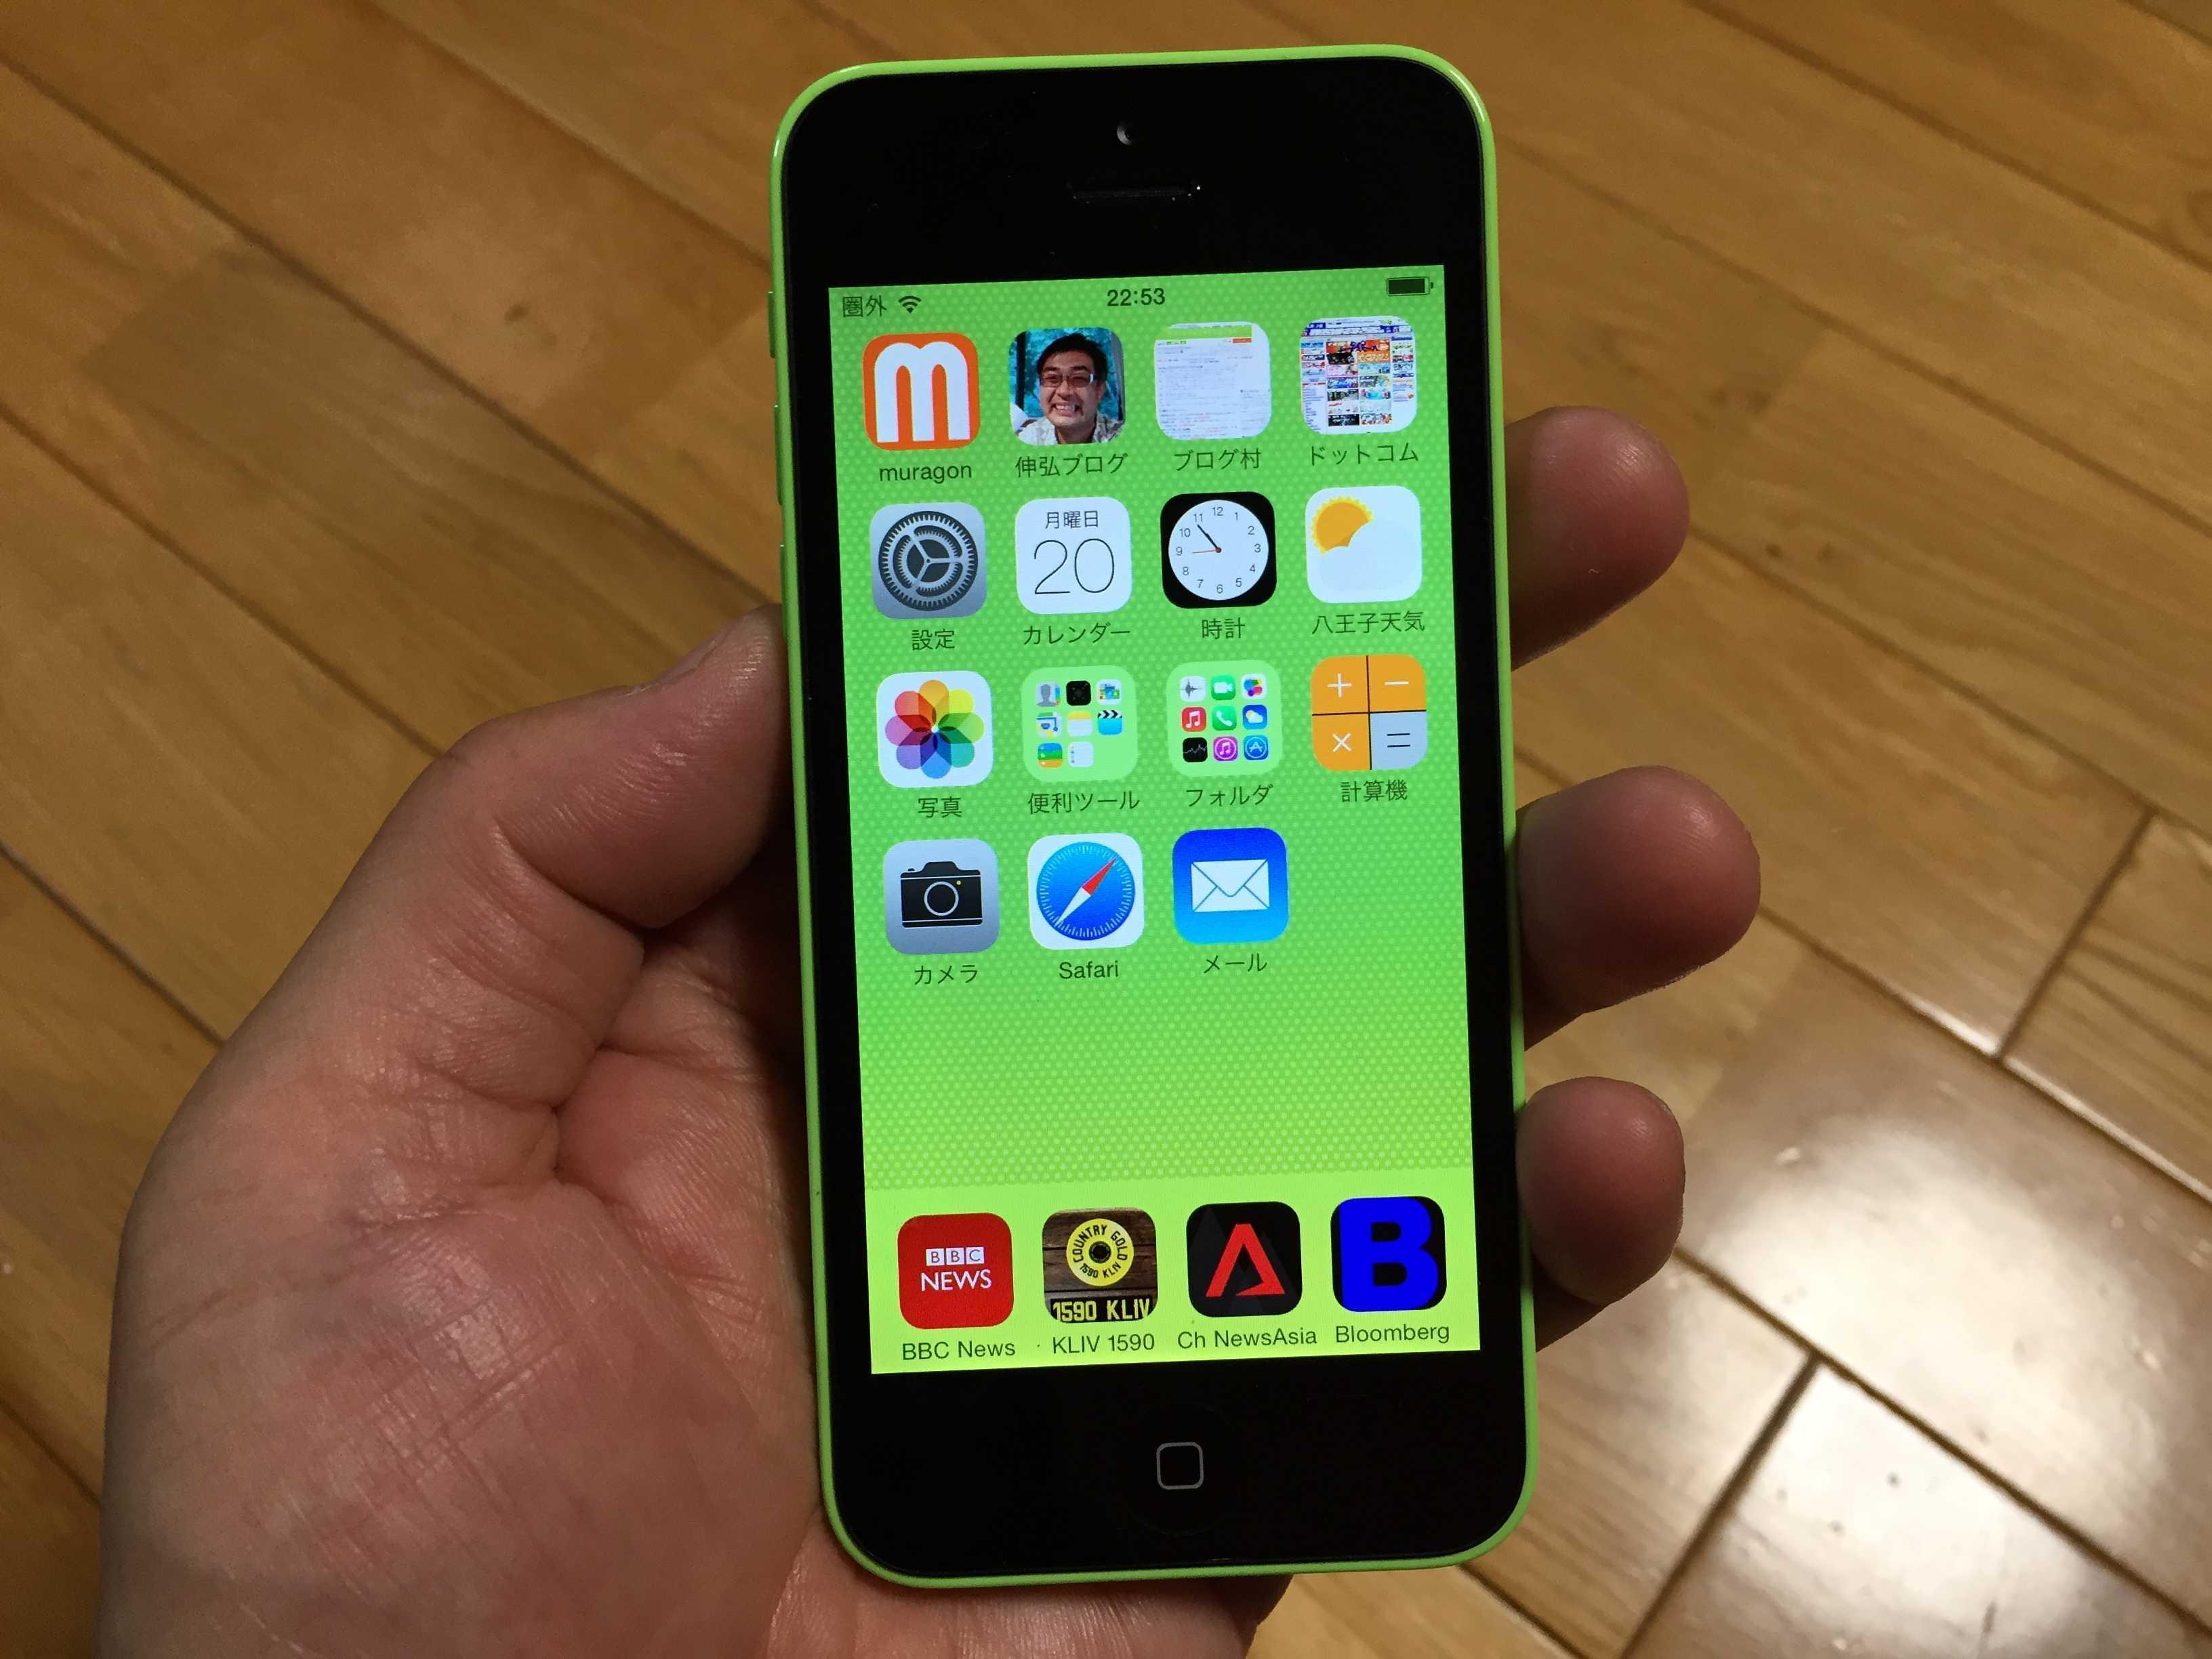 グリーンのホーム画面 - iPhone 5c